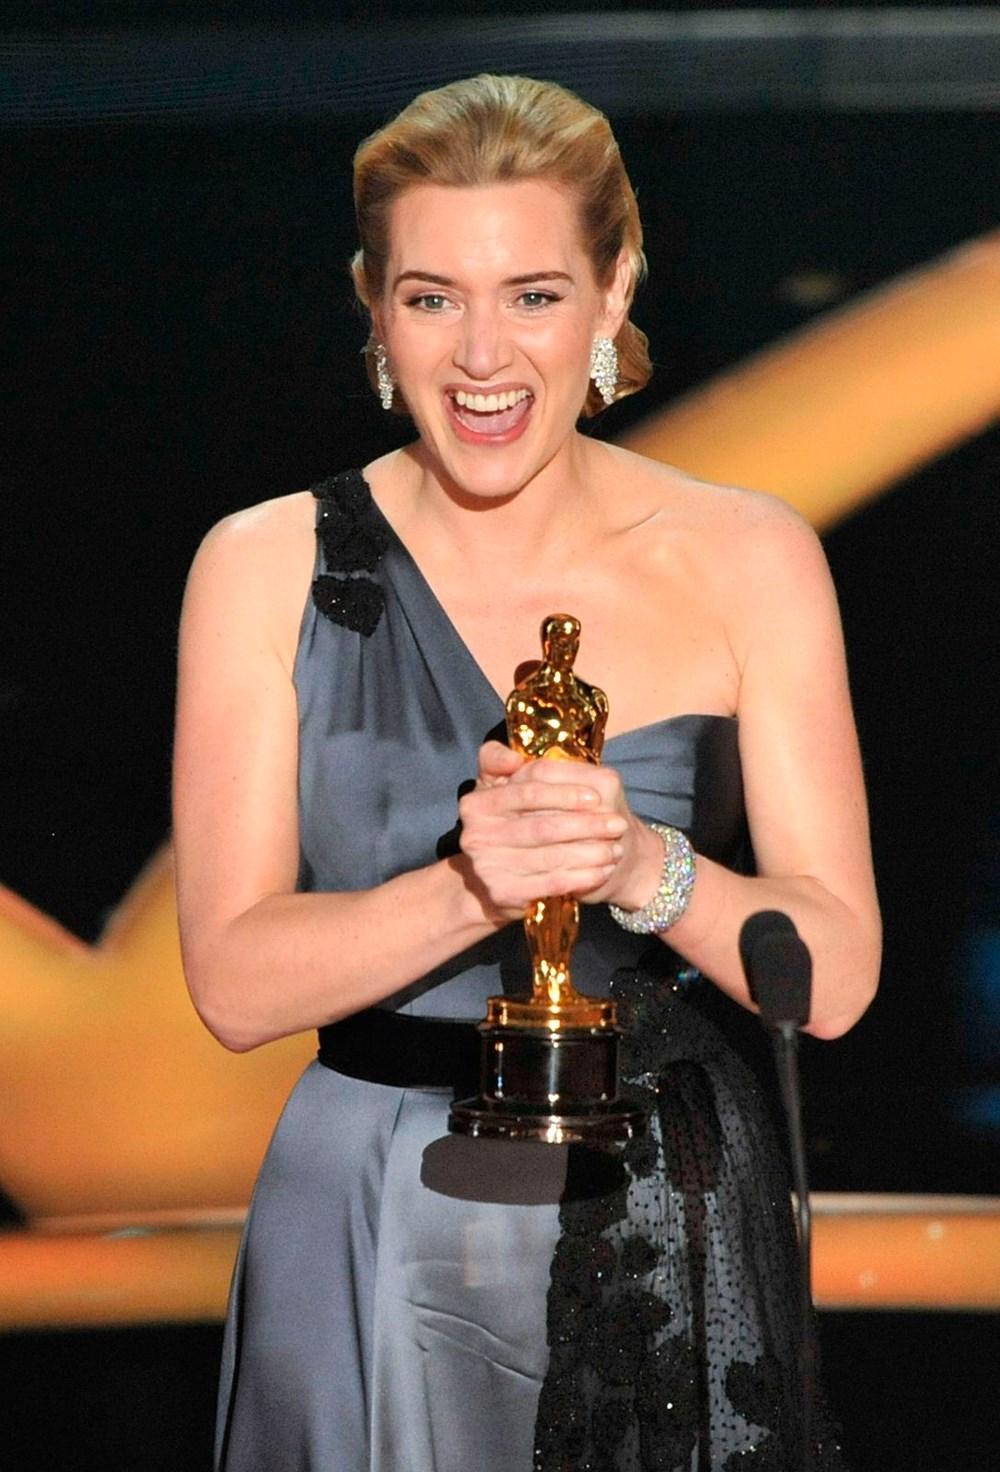 Avatar 2 için su altında 7 dakika kalan Kate Winslet: Öleceğimi sandım - 3